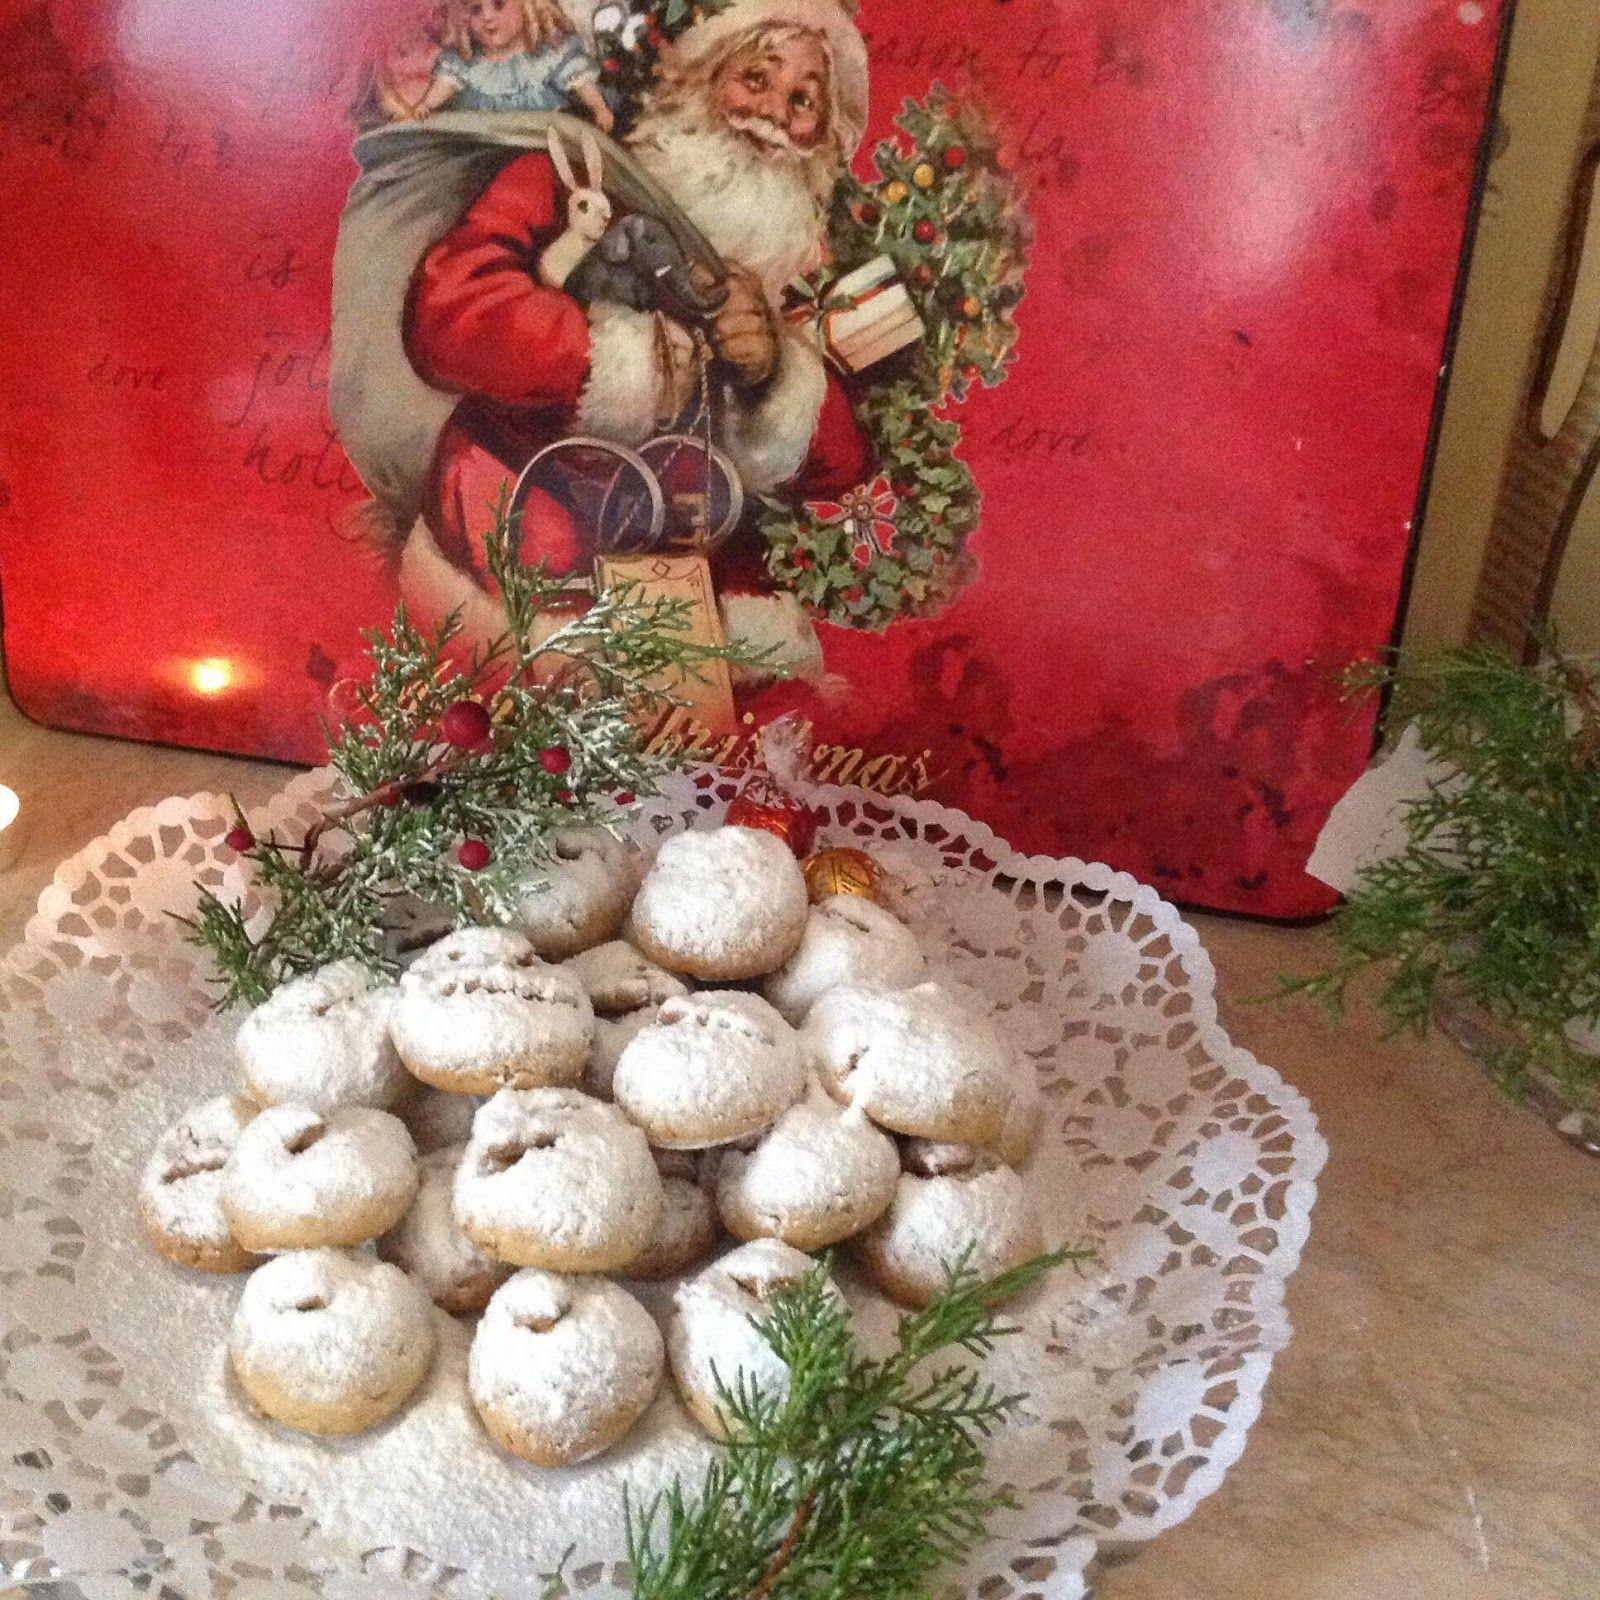 Χιονομπαλίτσες με μέλι και καρύδι!   Της τελευταίας στιγμής μπισκοτάκια πεντανόστιμα, μοσχοβολάν ...